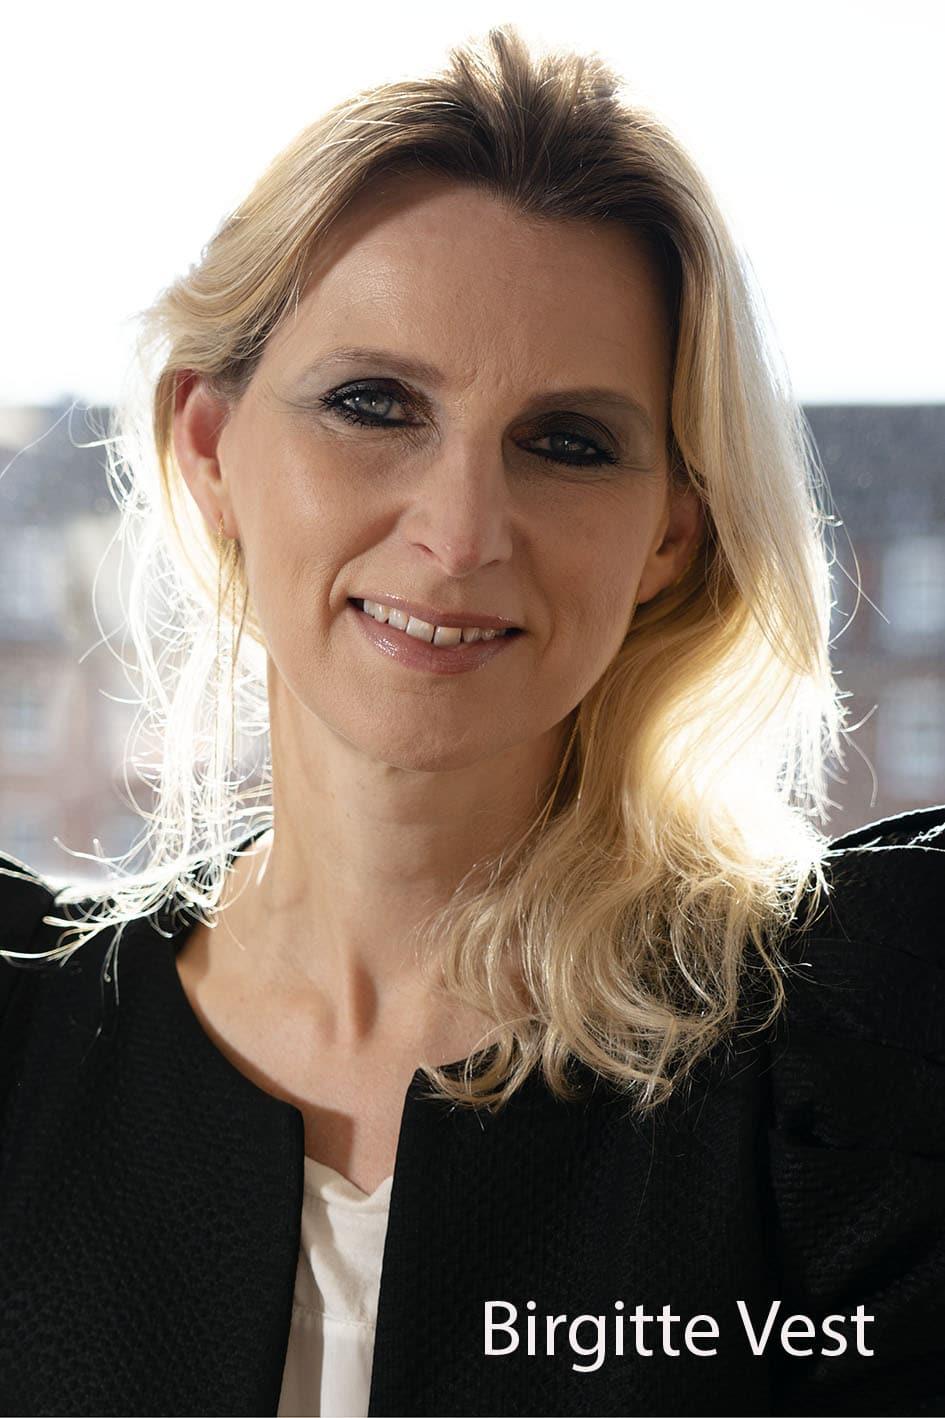 Birgitte Vest